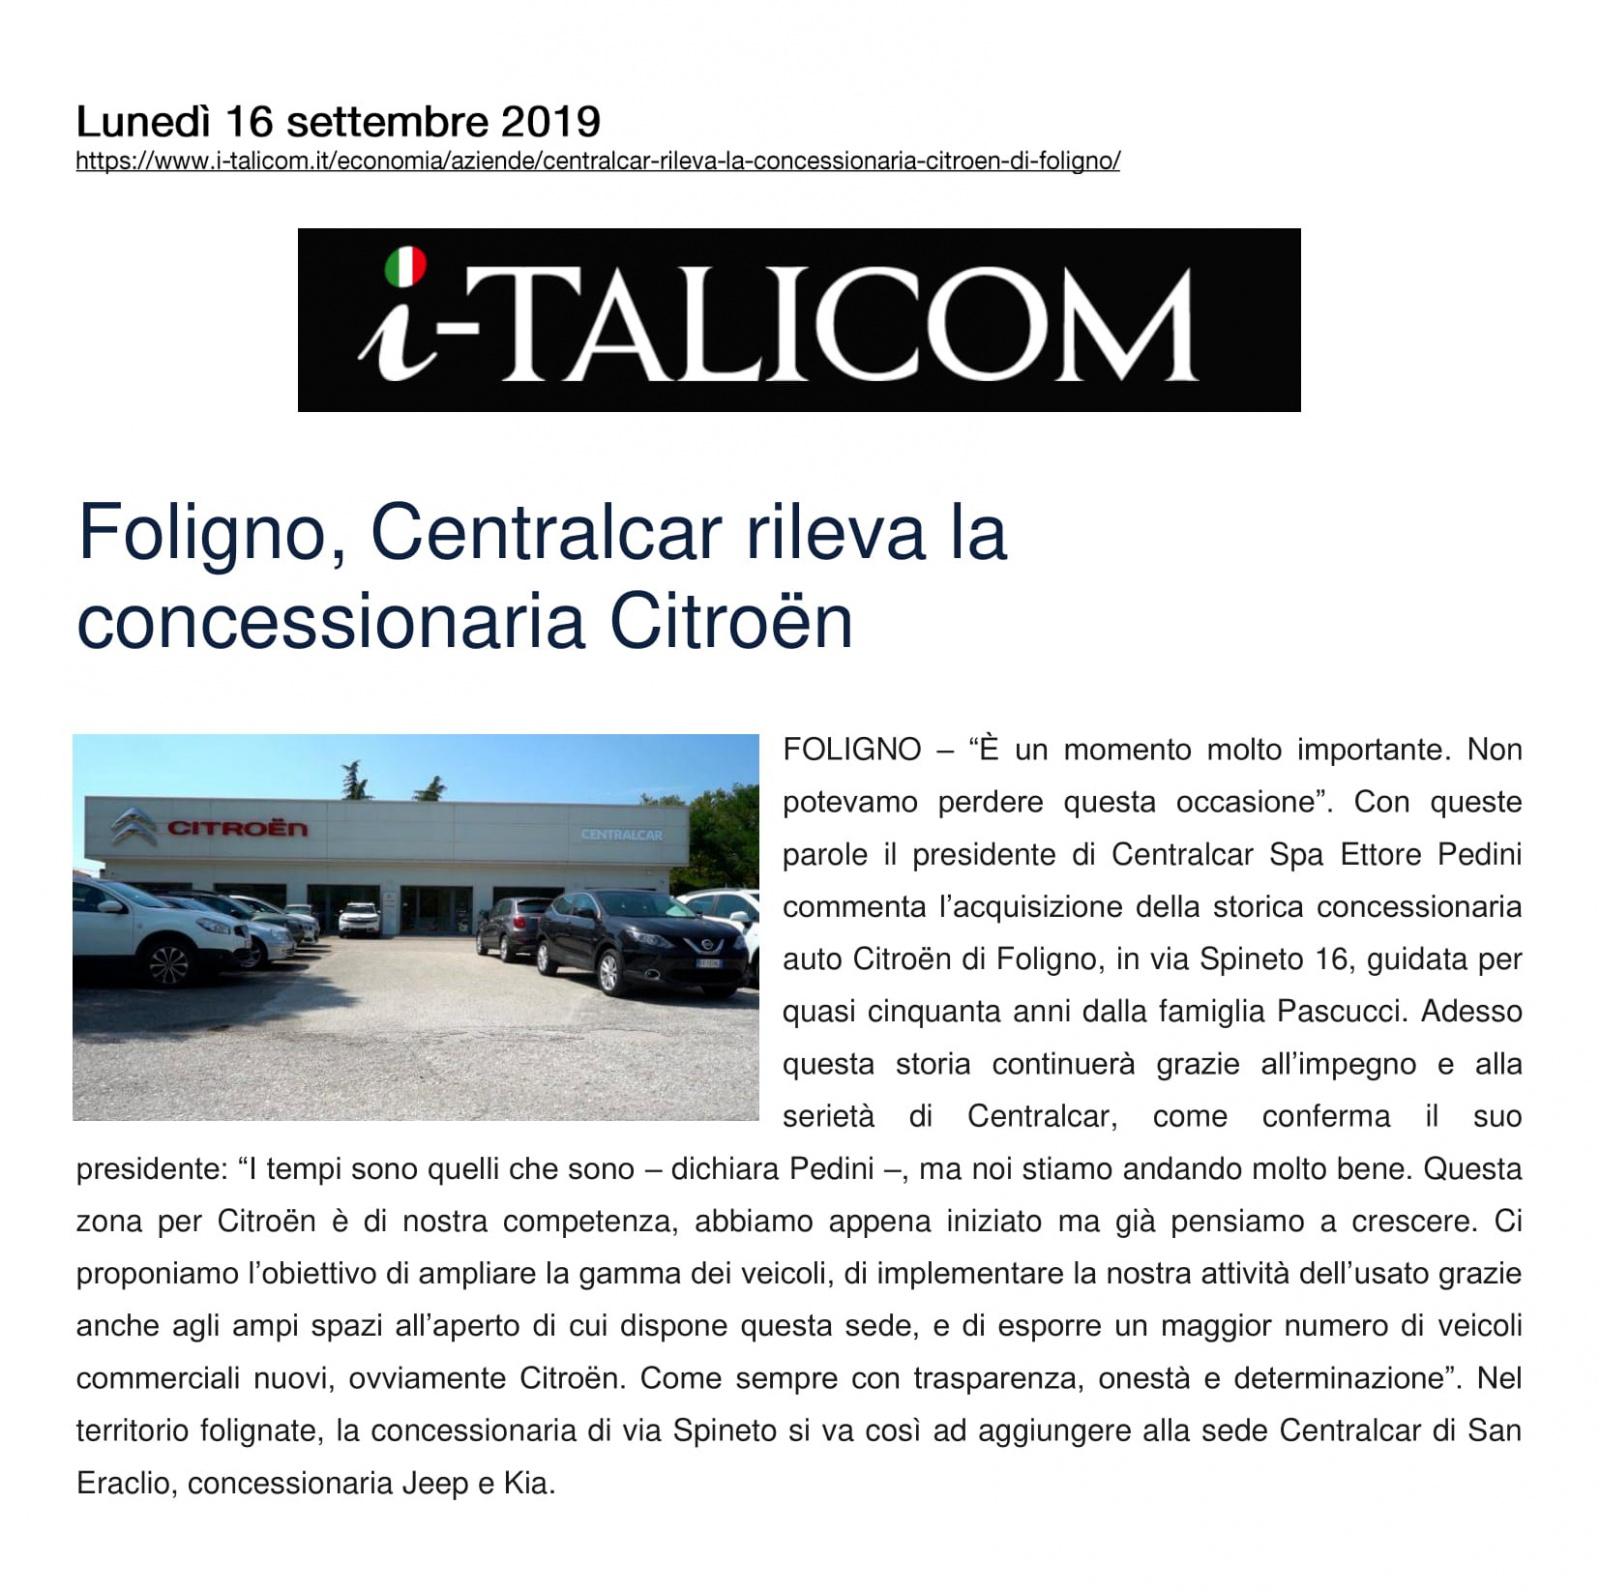 Foligno, Centralcar rileva la concessionaria Citroën